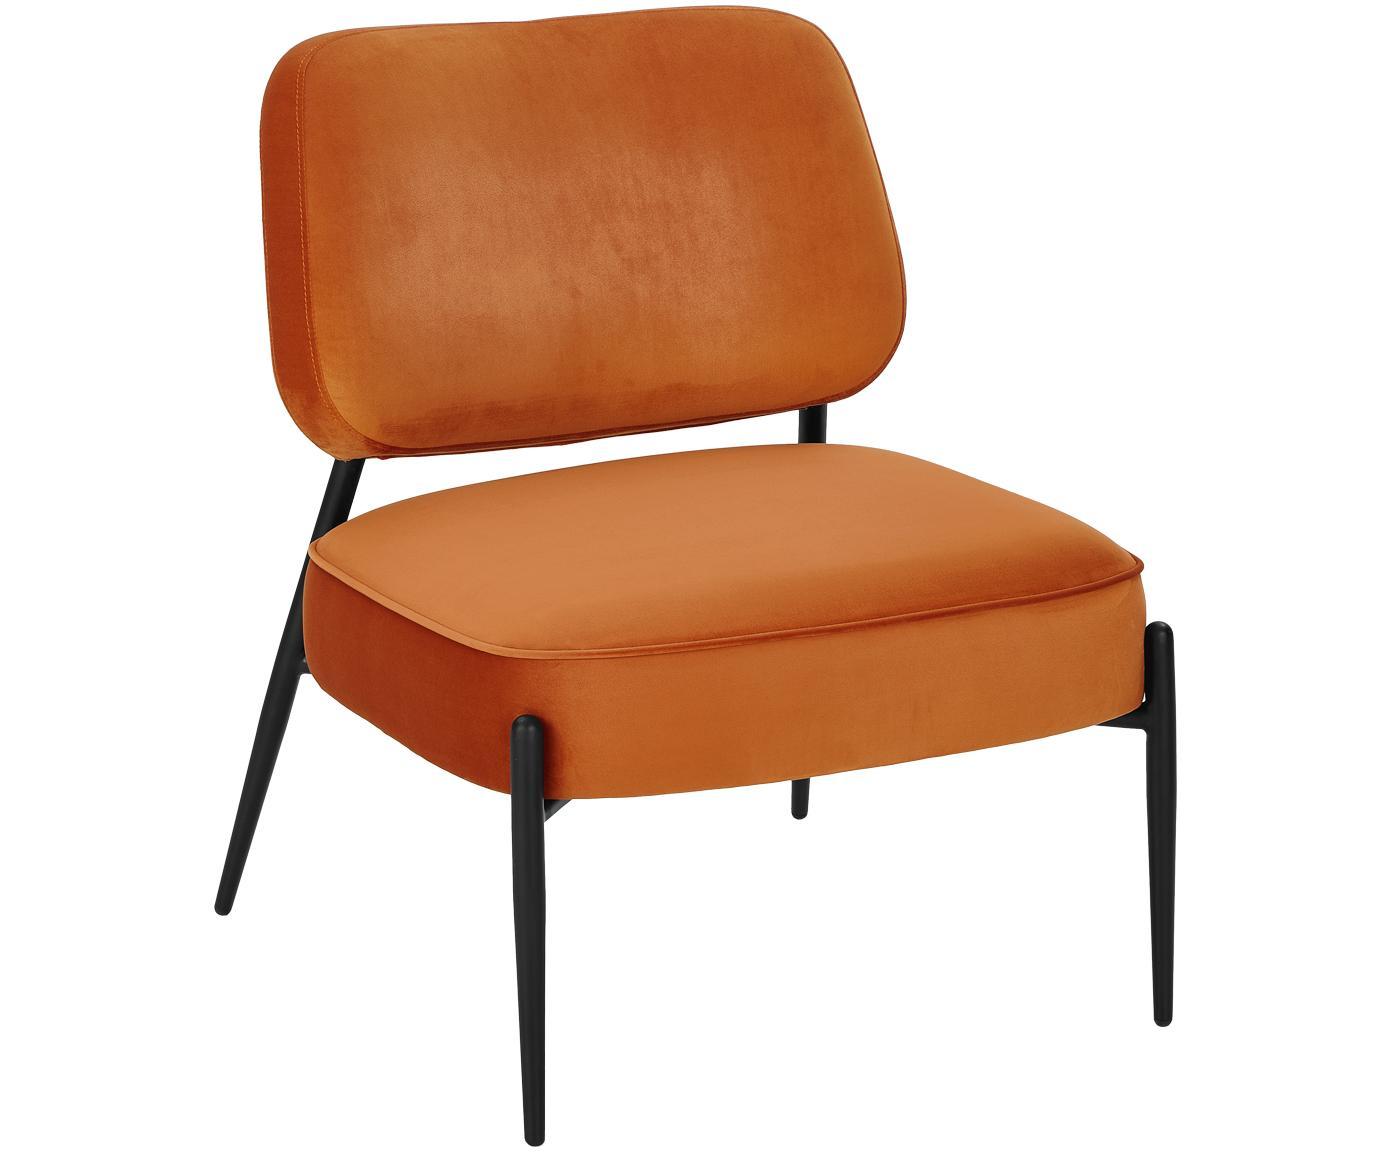 Fotel z aksamitu Viggo, Tapicerka: aksamit (poliester) 5000, Nogi: metal malowany proszkowo, Aksamitny pomarańczowy, S 62 x G 67 cm